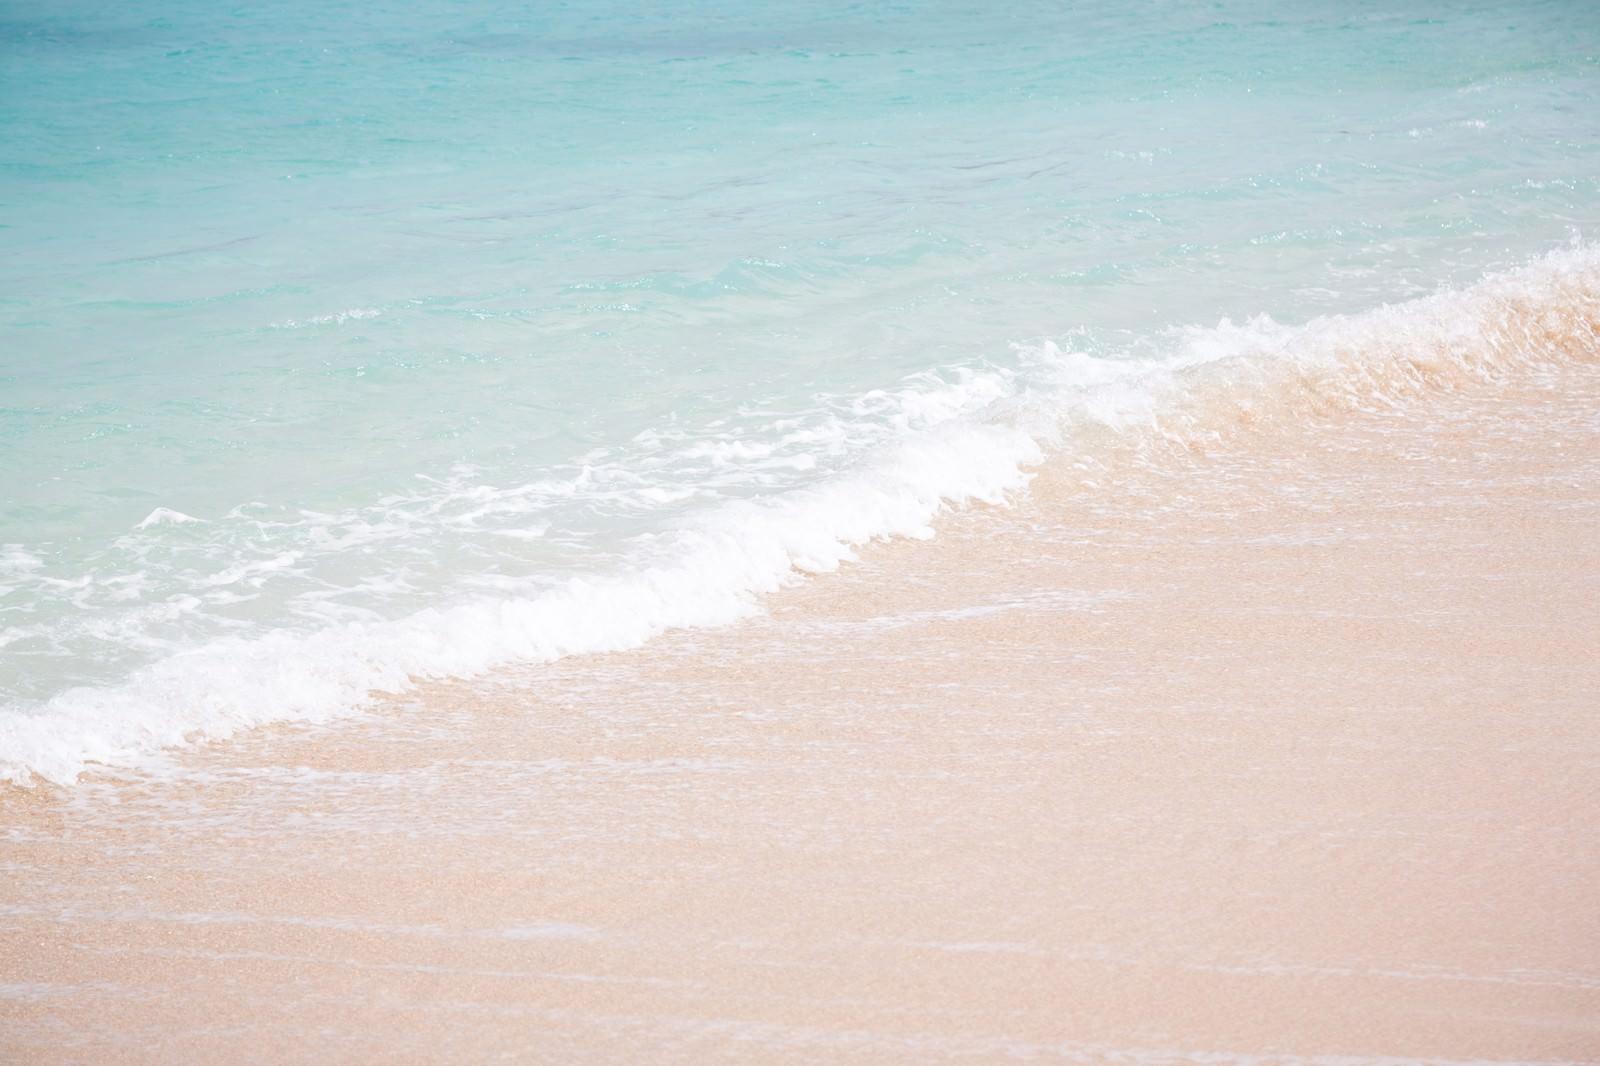 「透き通る海と波」の写真